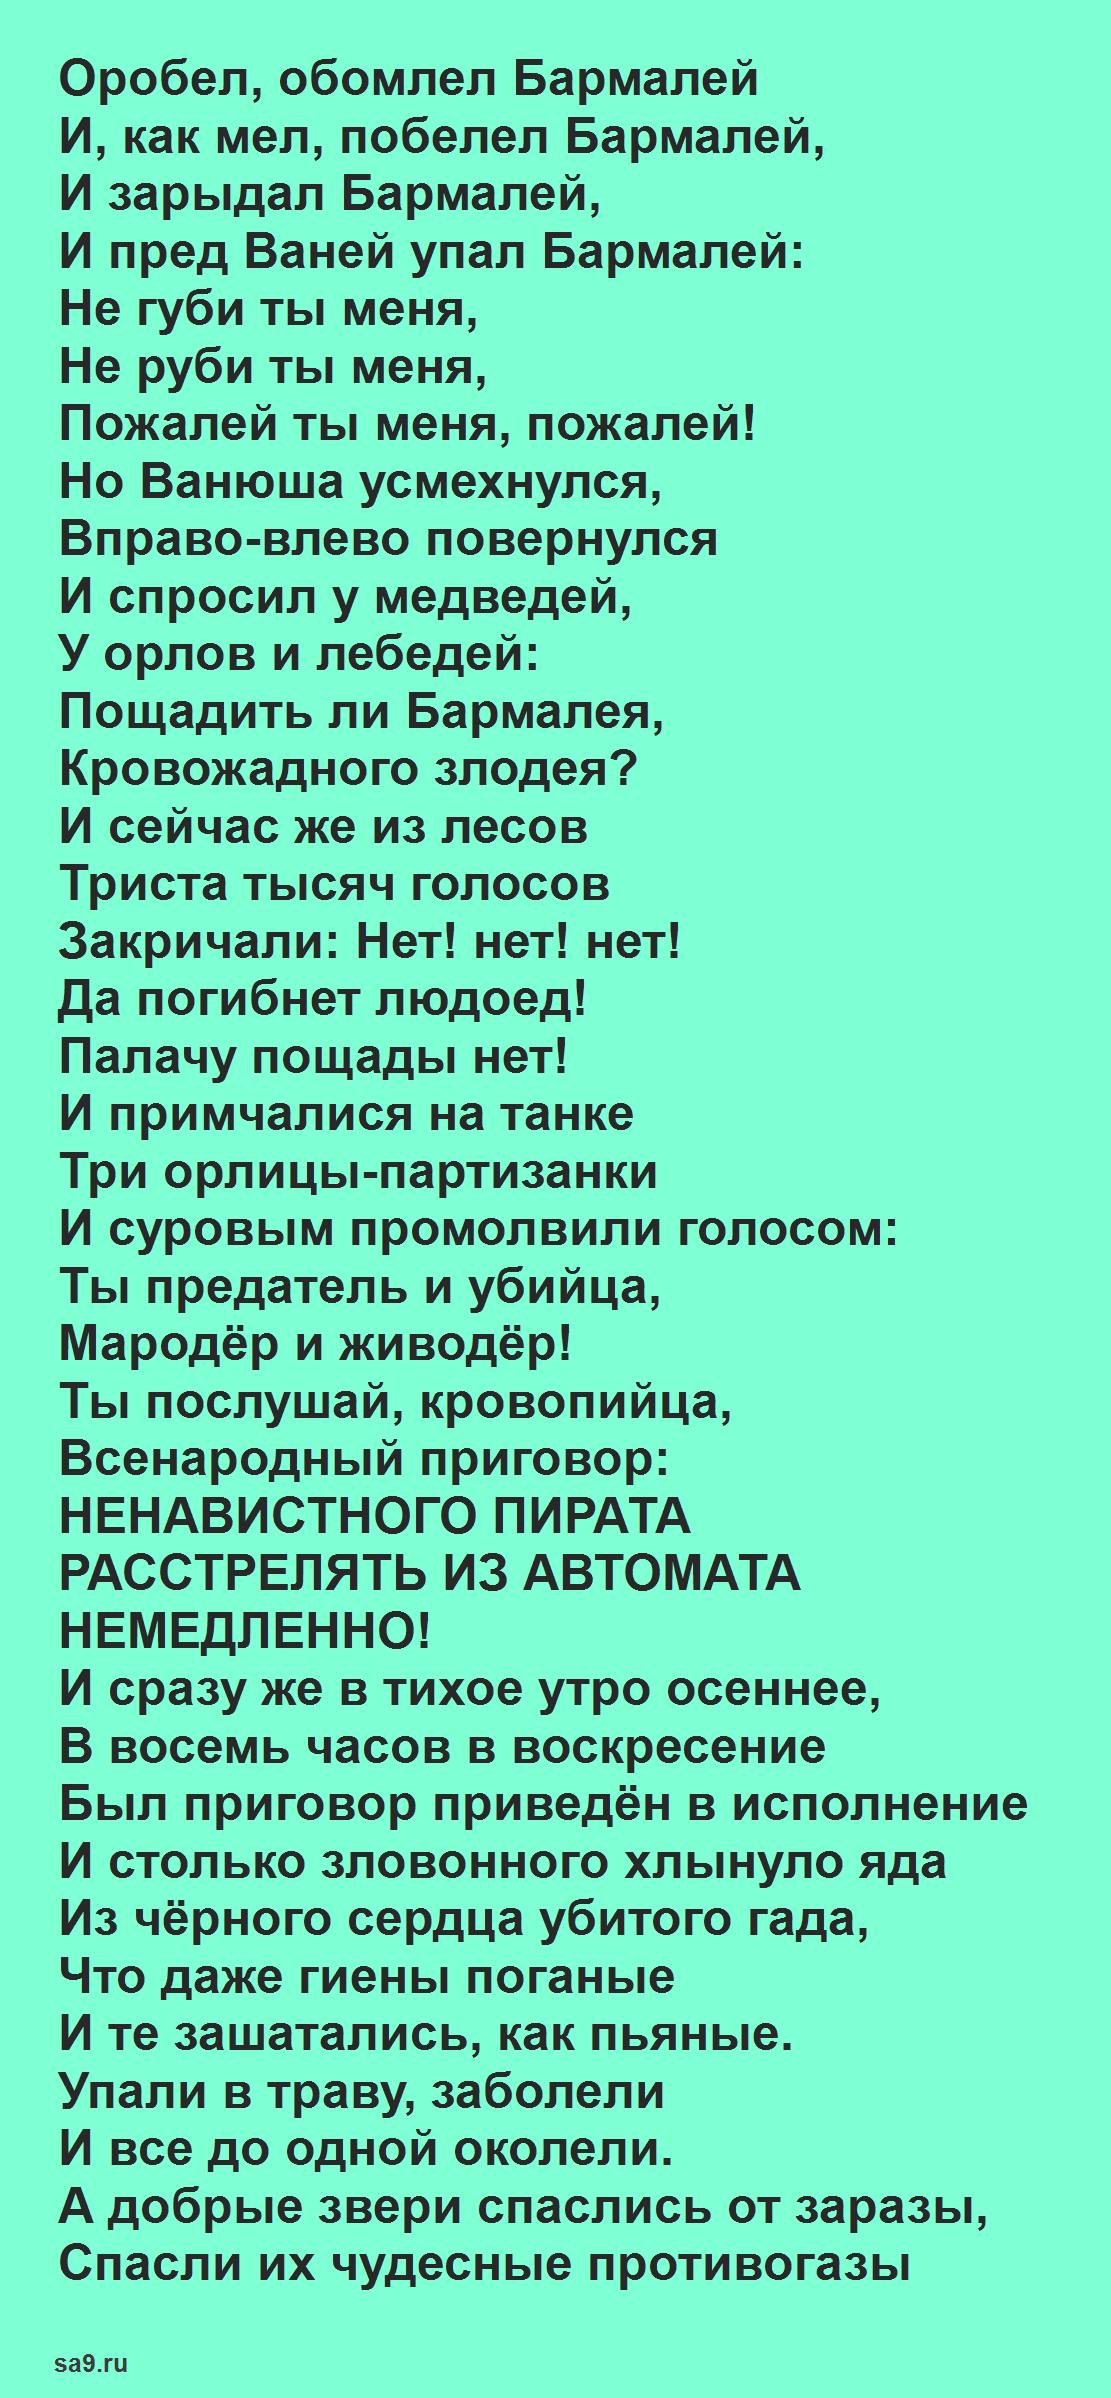 'Одолеем Бармалея' Чуковского, сказка читать